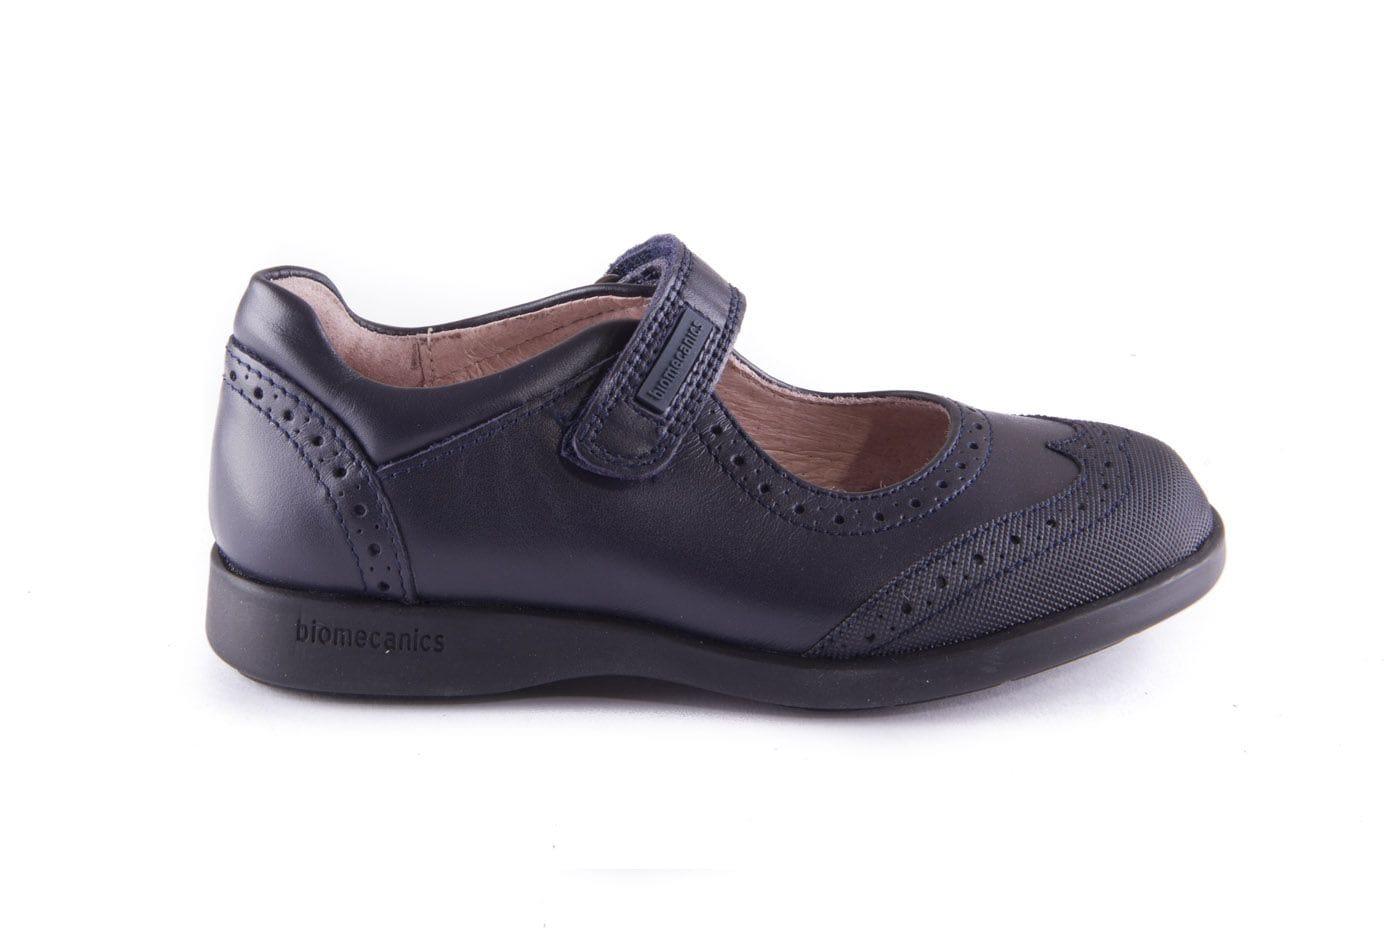 b25cc19d Comprar zapato tipo JOVEN NIÑA estilo MERCEDES COLOR AZUL MARINO ...